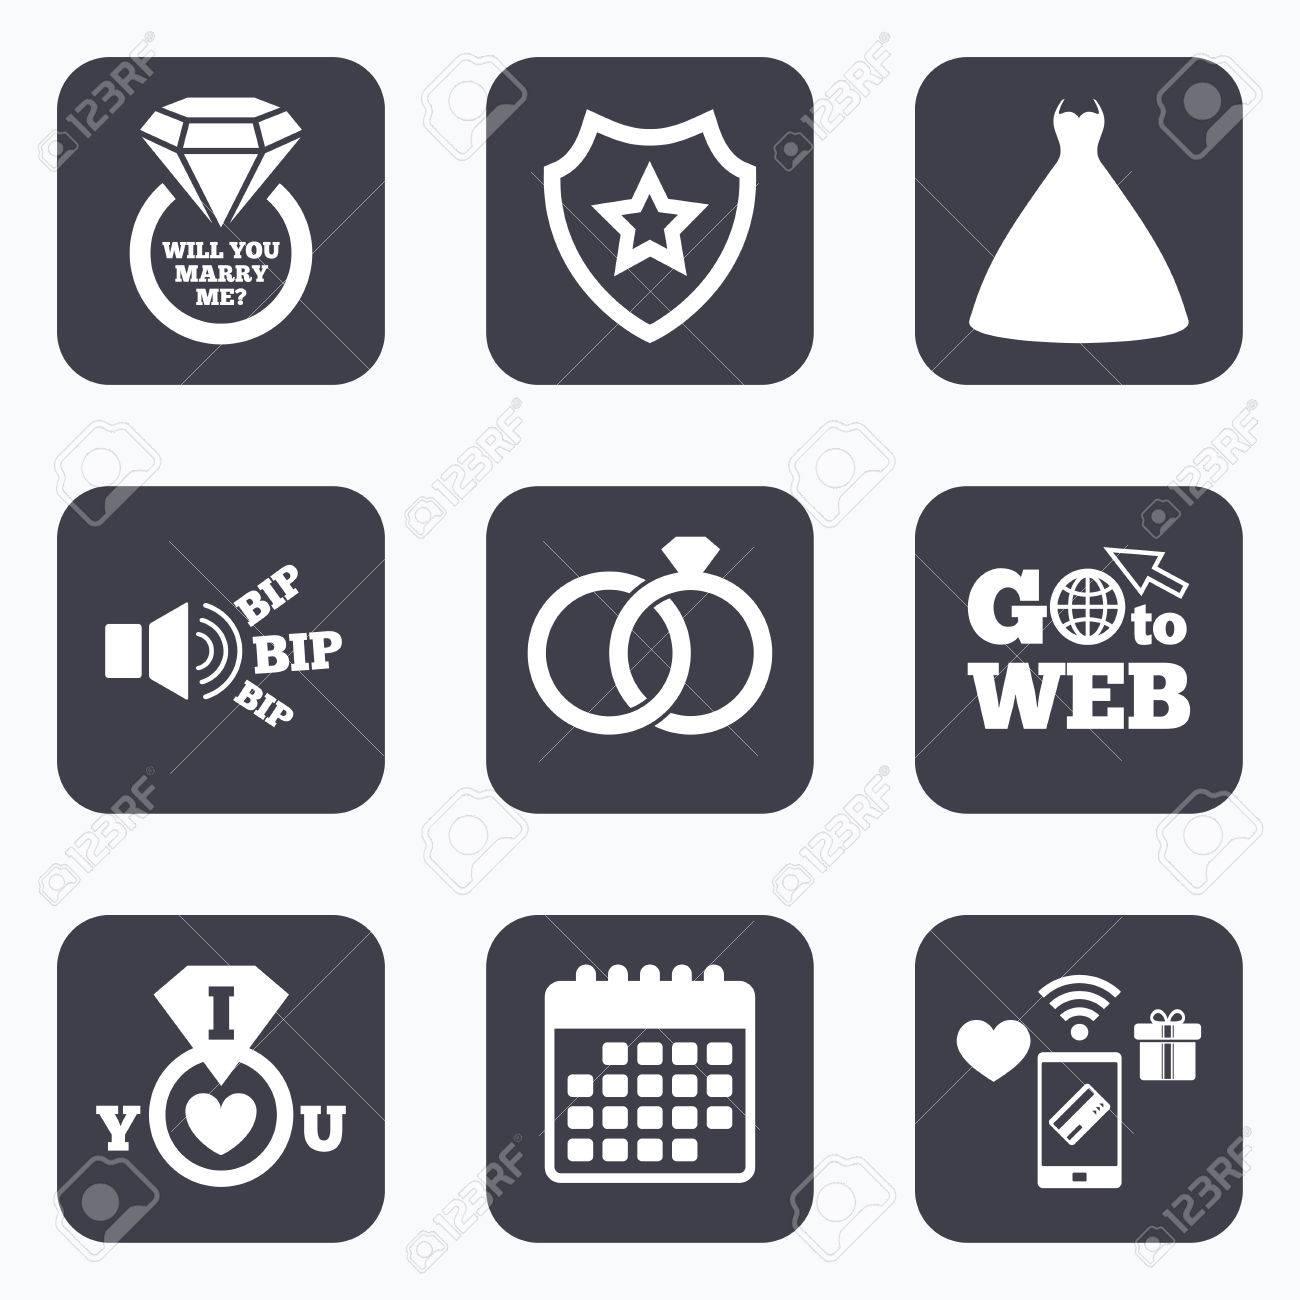 Mobile Zahlungen Wifi Und Kalender Symbole Hochzeitskleidikone